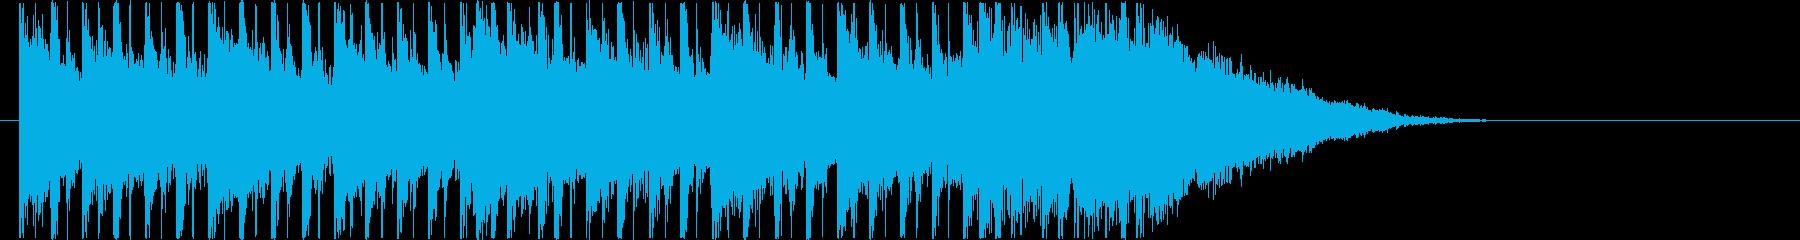 リズミカルでスピーディーなシンセロックの再生済みの波形